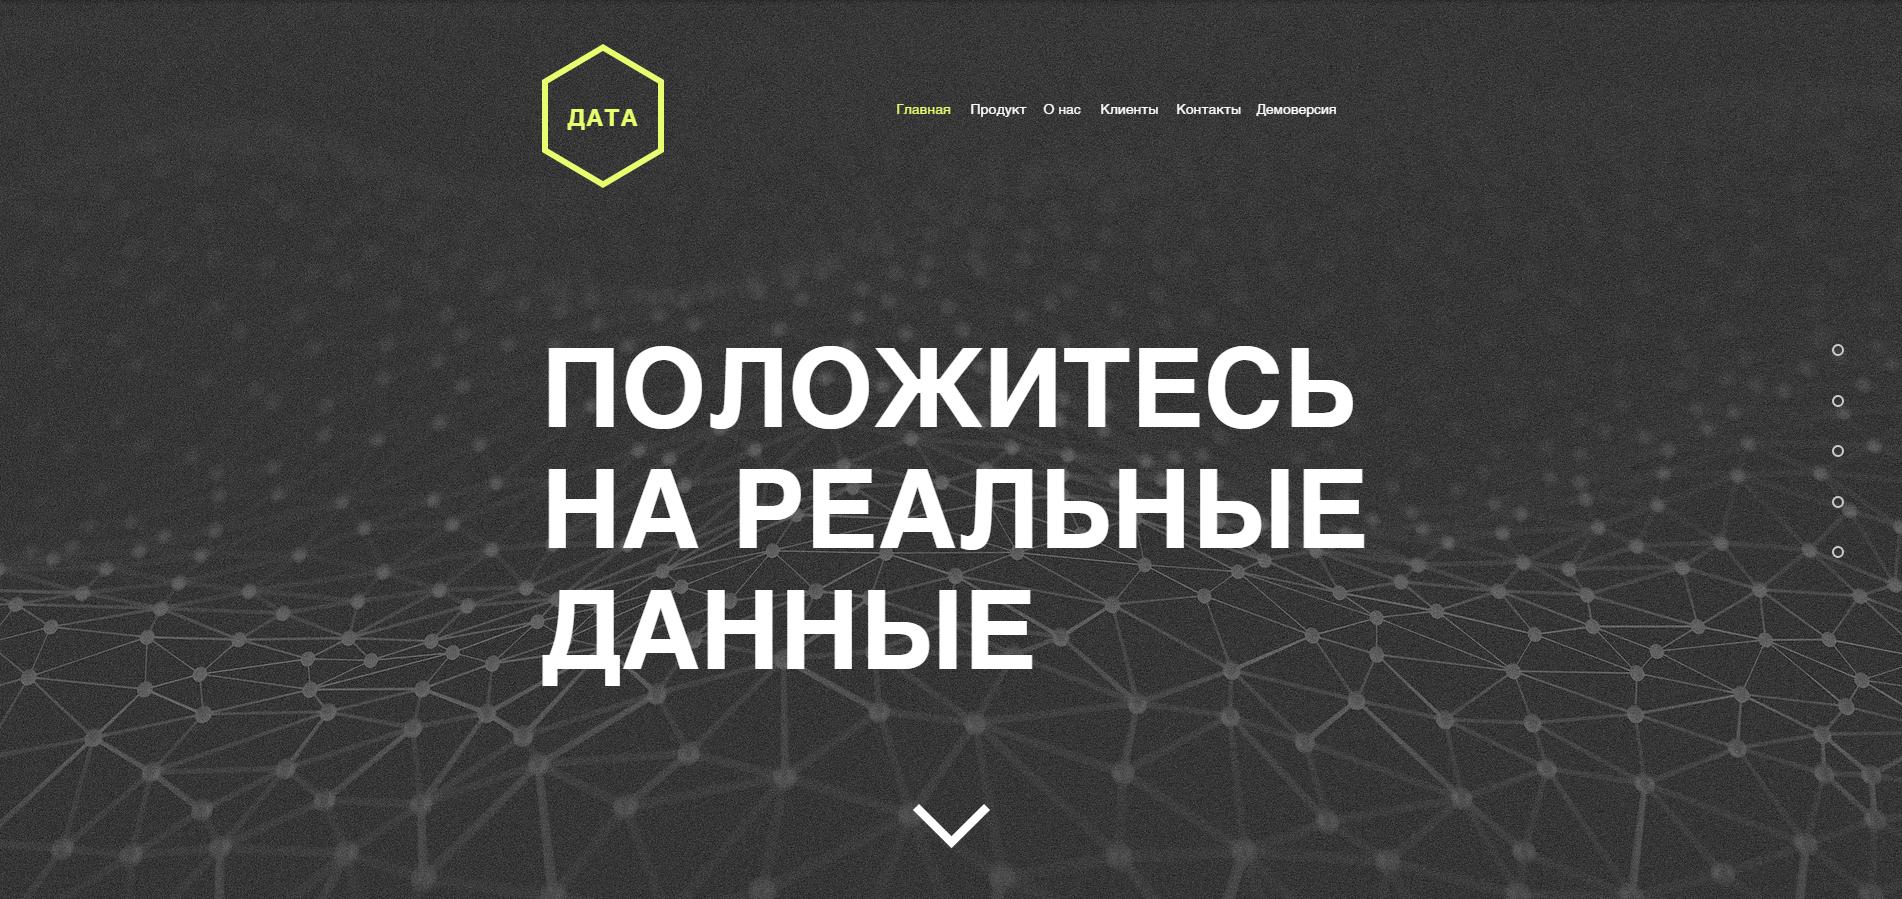 Пример сайта компании 1